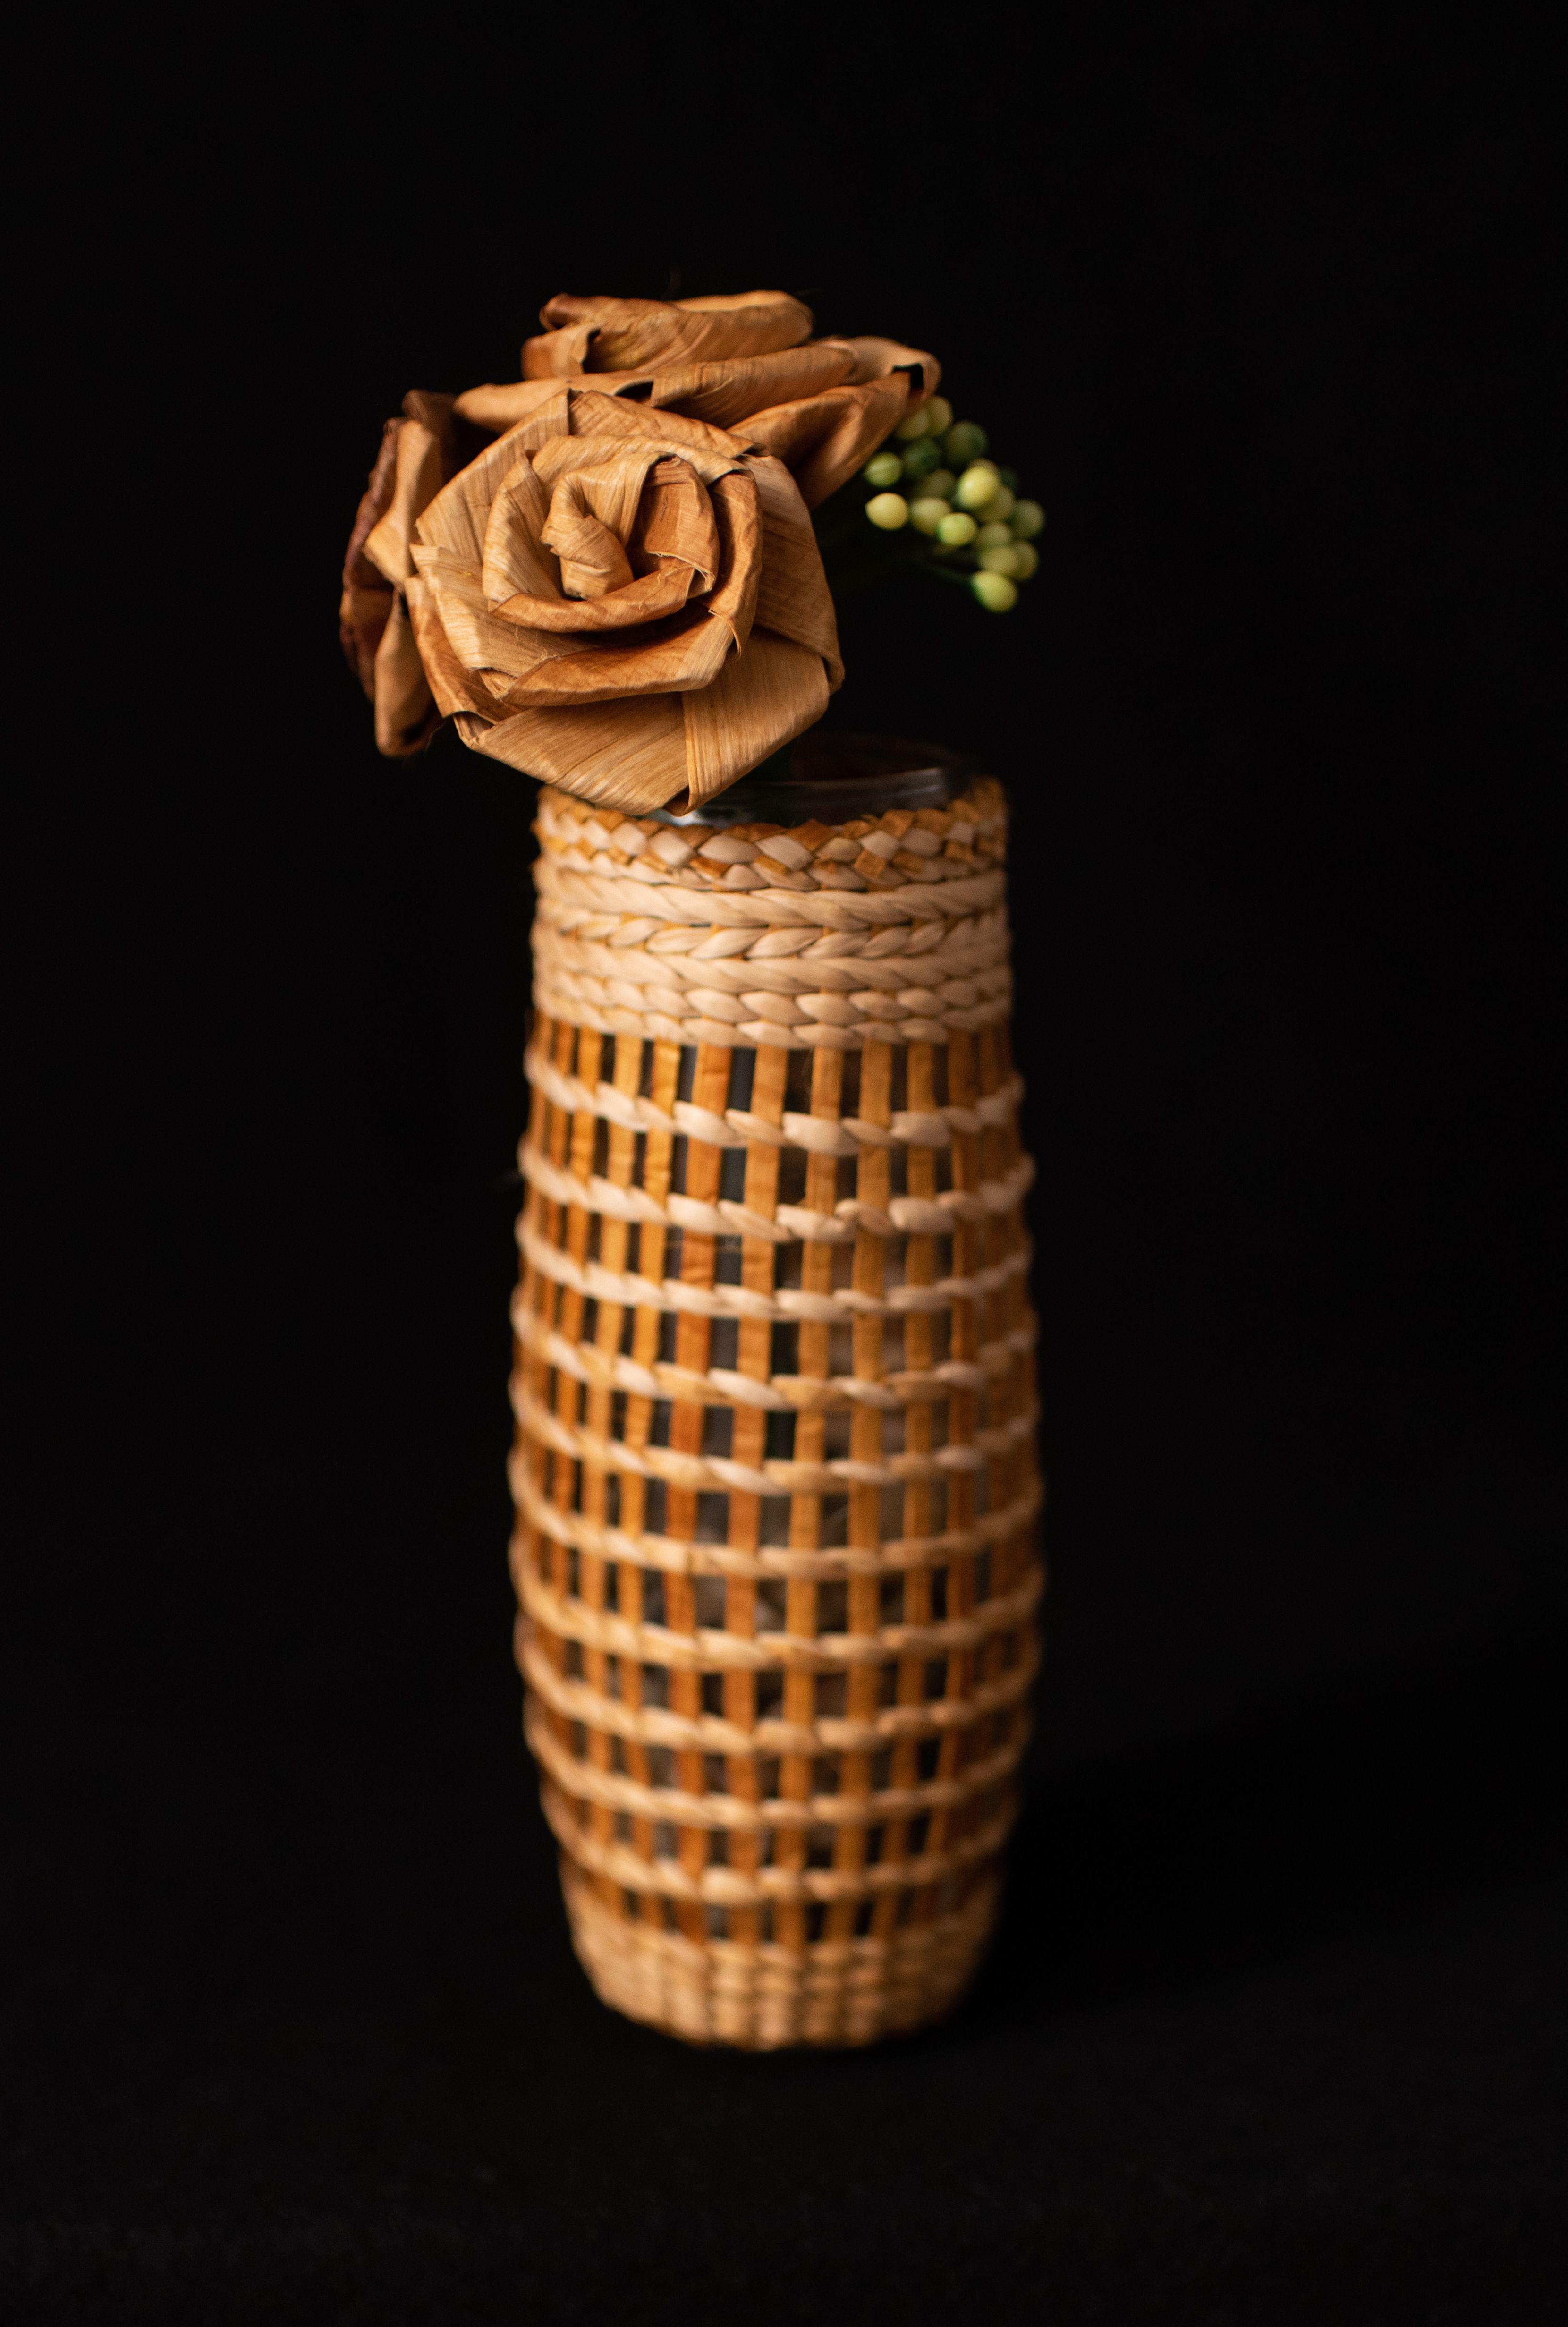 Cedar Flower Vase